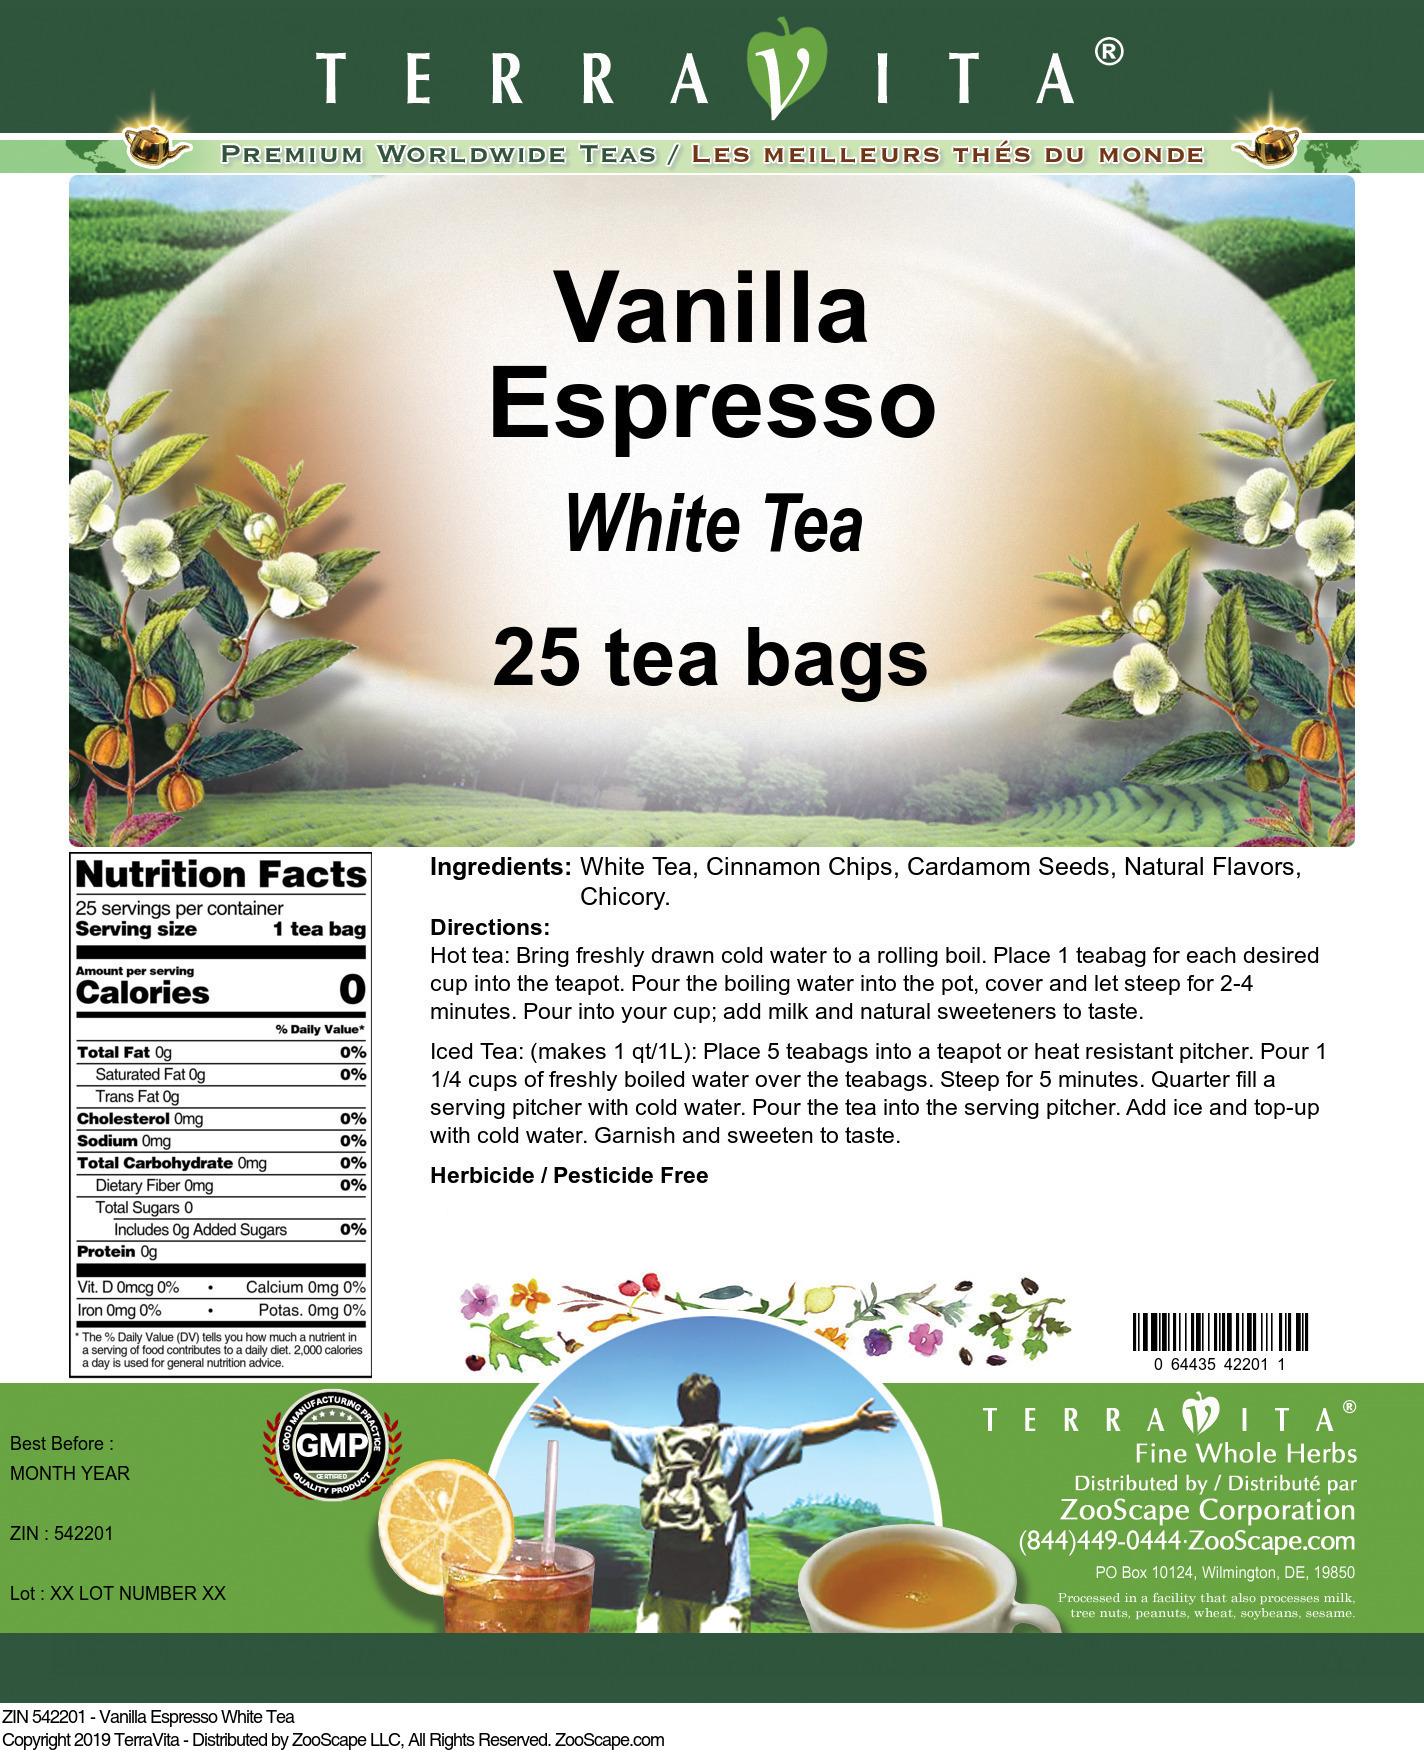 Vanilla Espresso White Tea